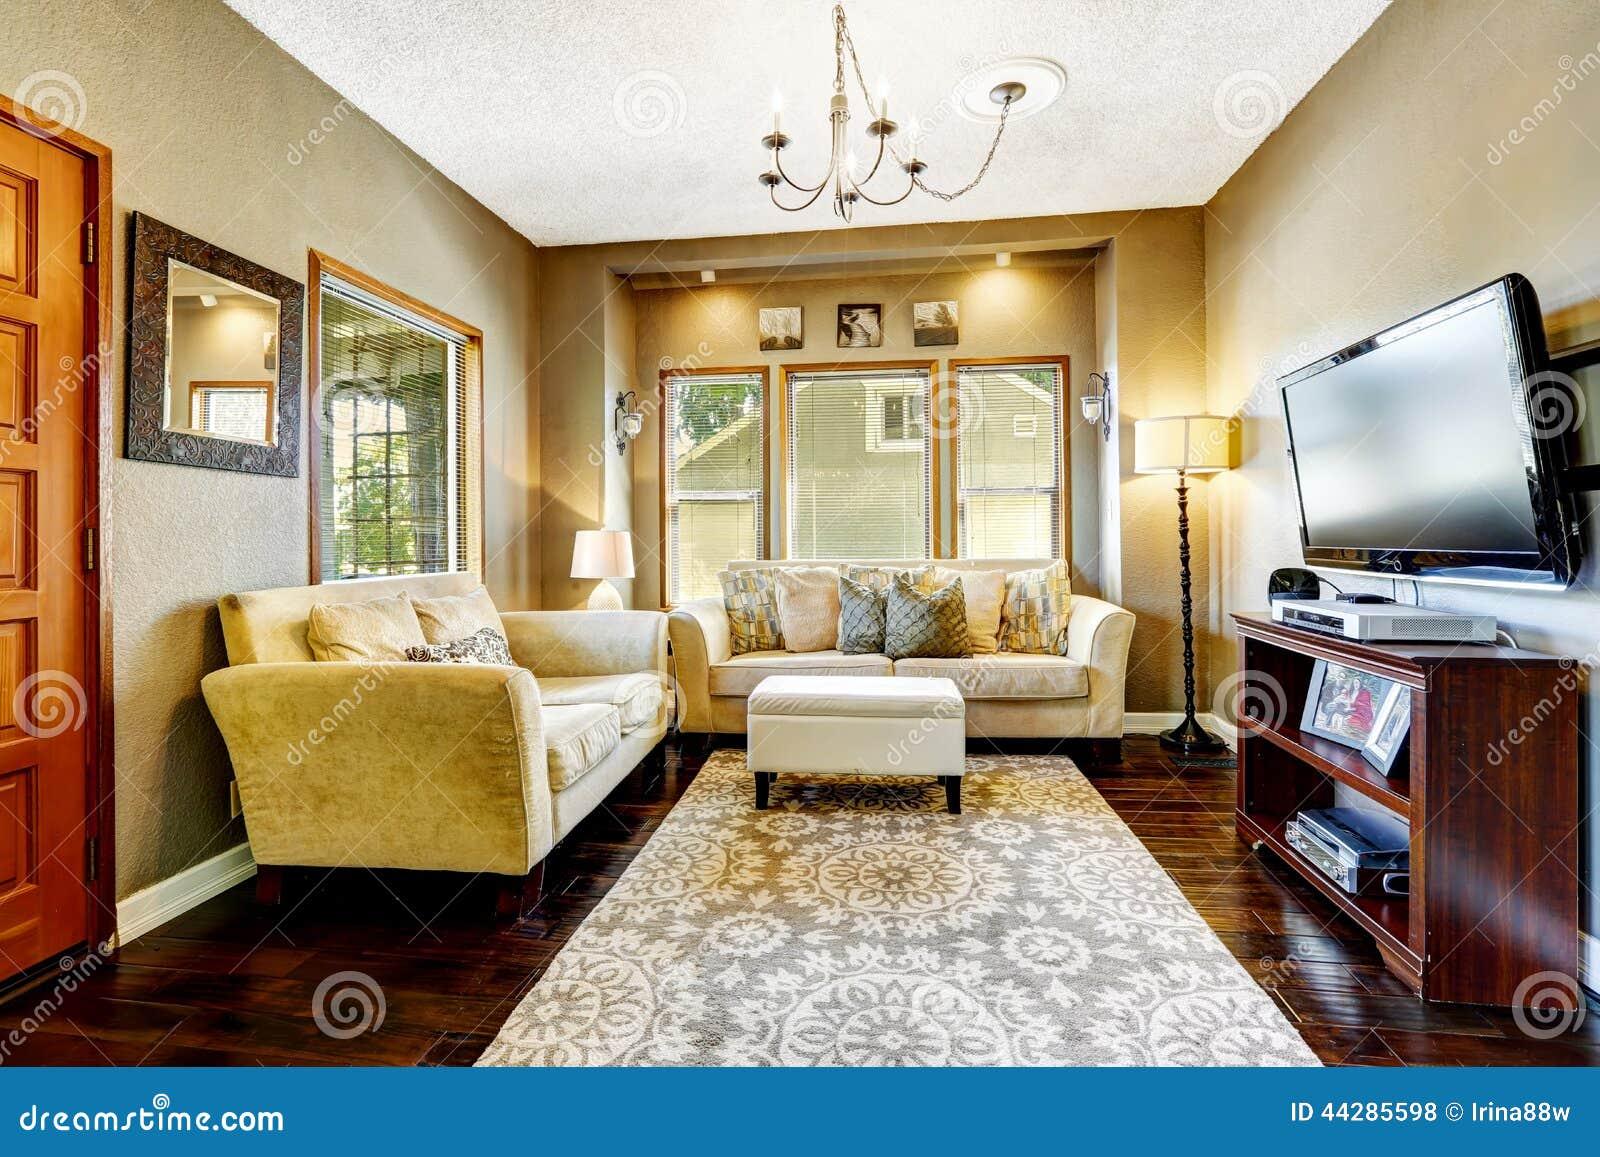 Einfaches Wohnzimmer Mit Fernsehen Und Couches Stockfoto - Bild von ...